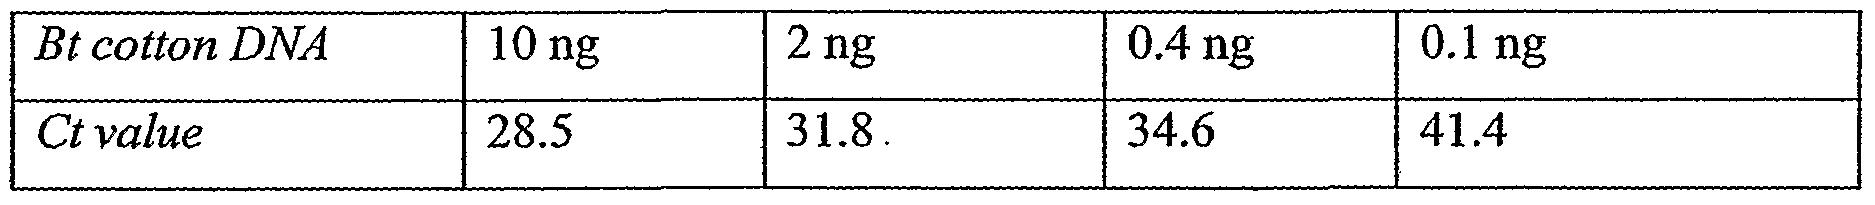 Figure imgf000024_0001